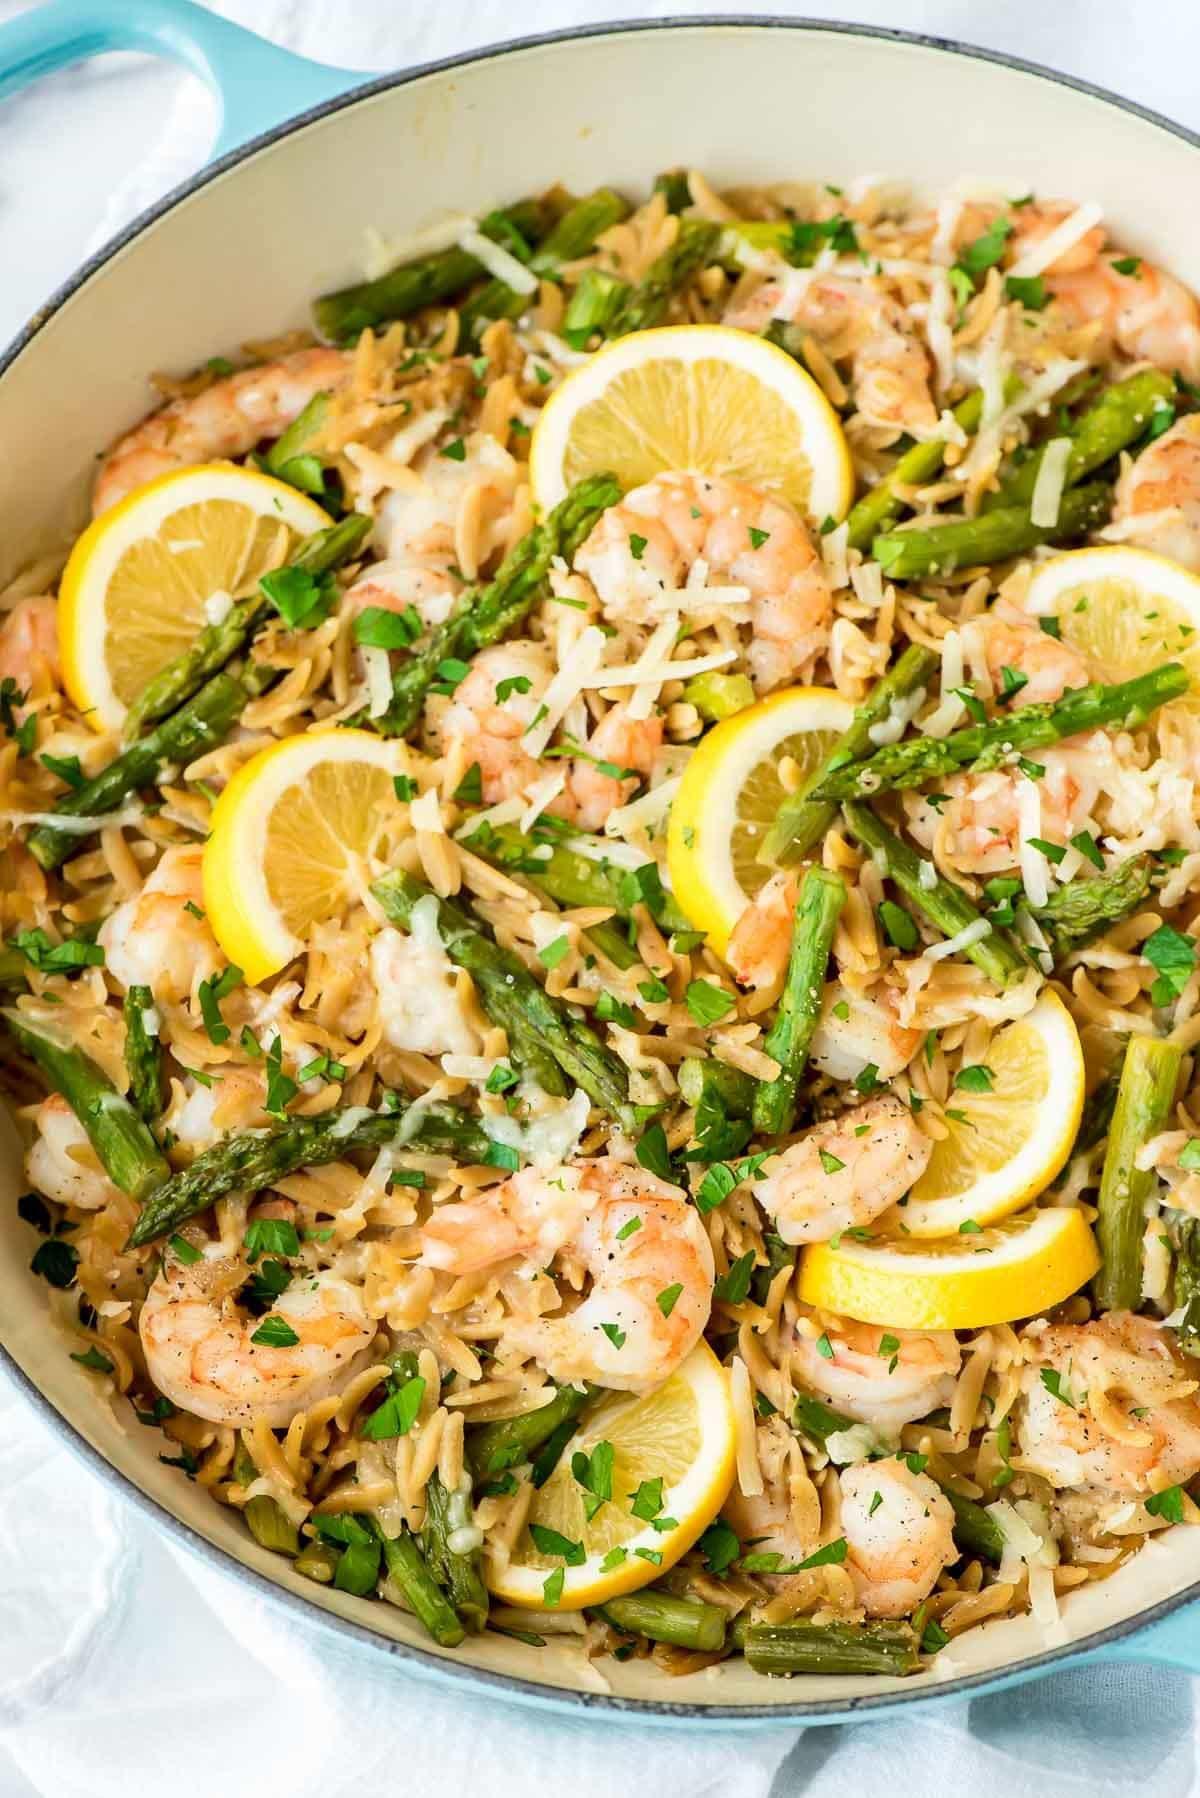 Shrimp Recipes Pasta  Lemon Shrimp Pasta with Orzo and Asparagus